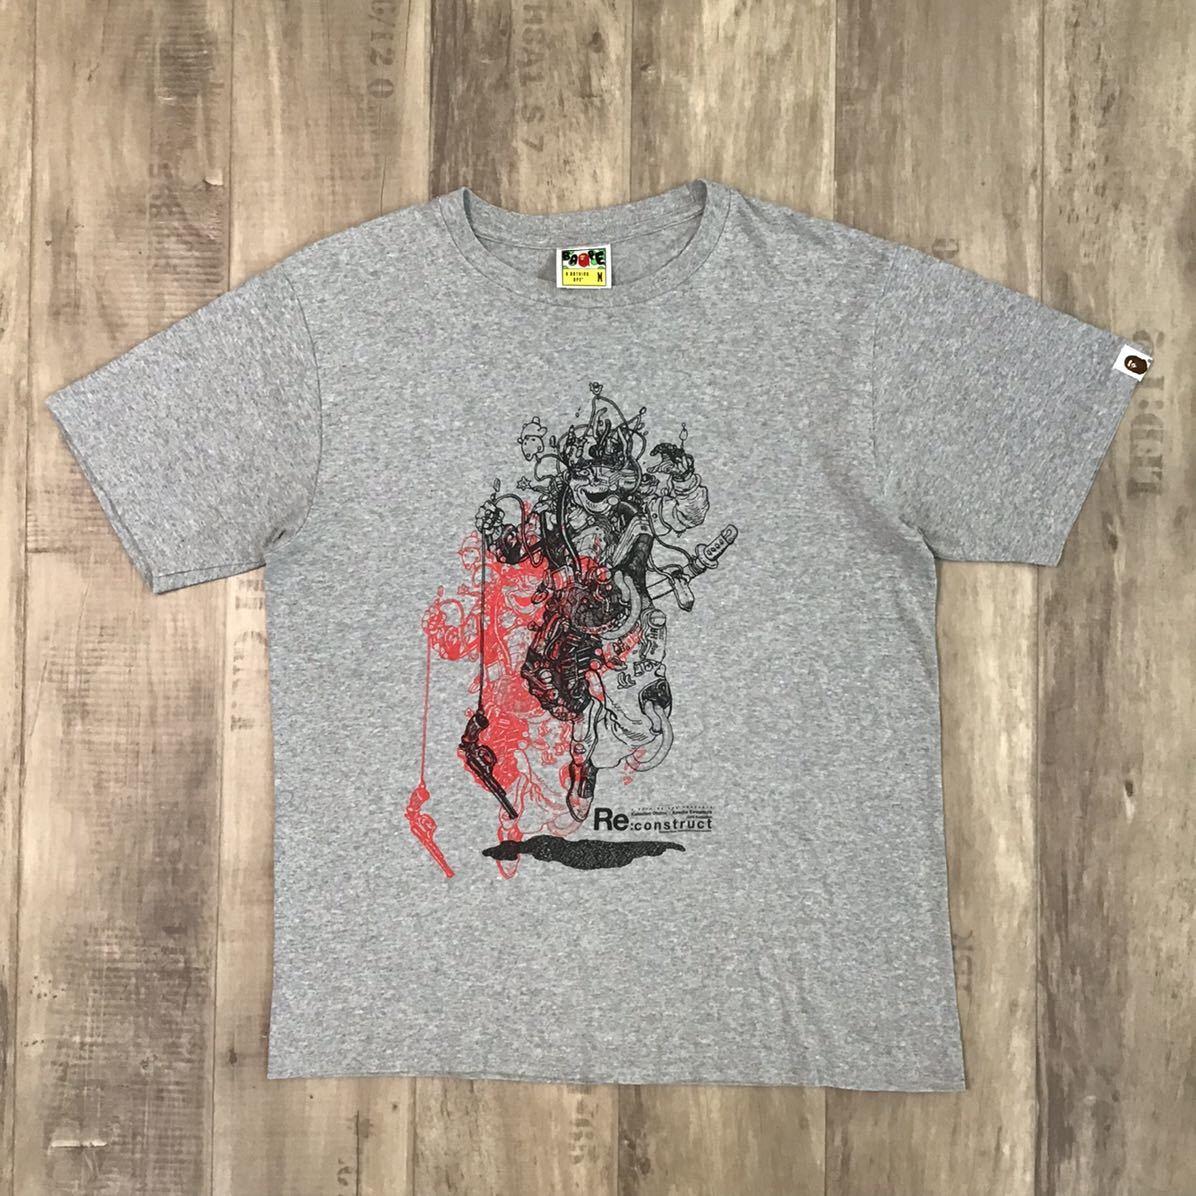 ★激レア★ 大友克洋 BAPE gallery Re:construct 童夢 Tシャツ Mサイズ a bathing ape エイプ ベイプ アベイシングエイプ kyoto limited 5b